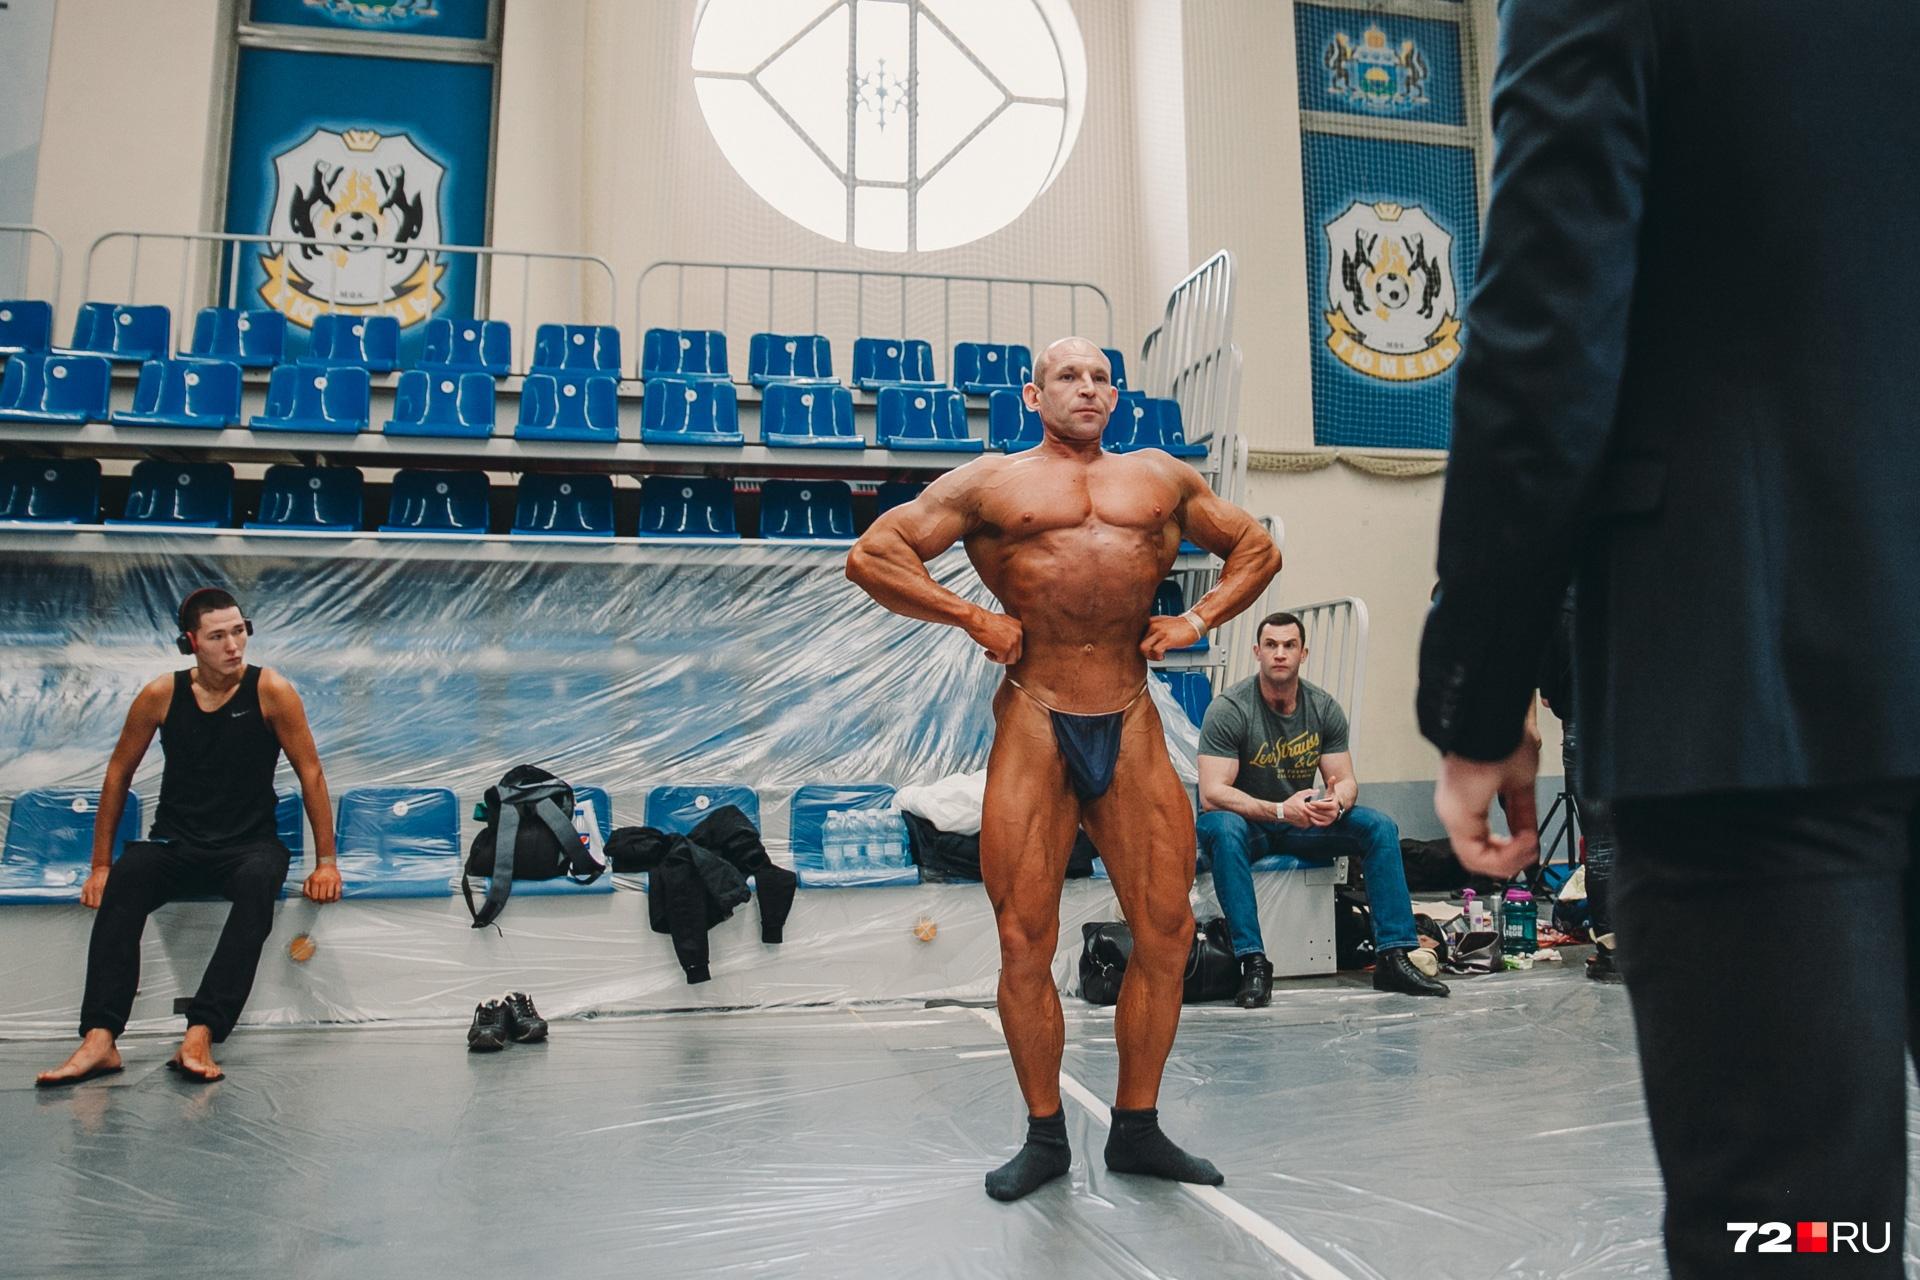 Мужчины, которые участвовали в Кубке, ходили за сценой в длинных плавках и вот таких трусиках, похожих на стринги